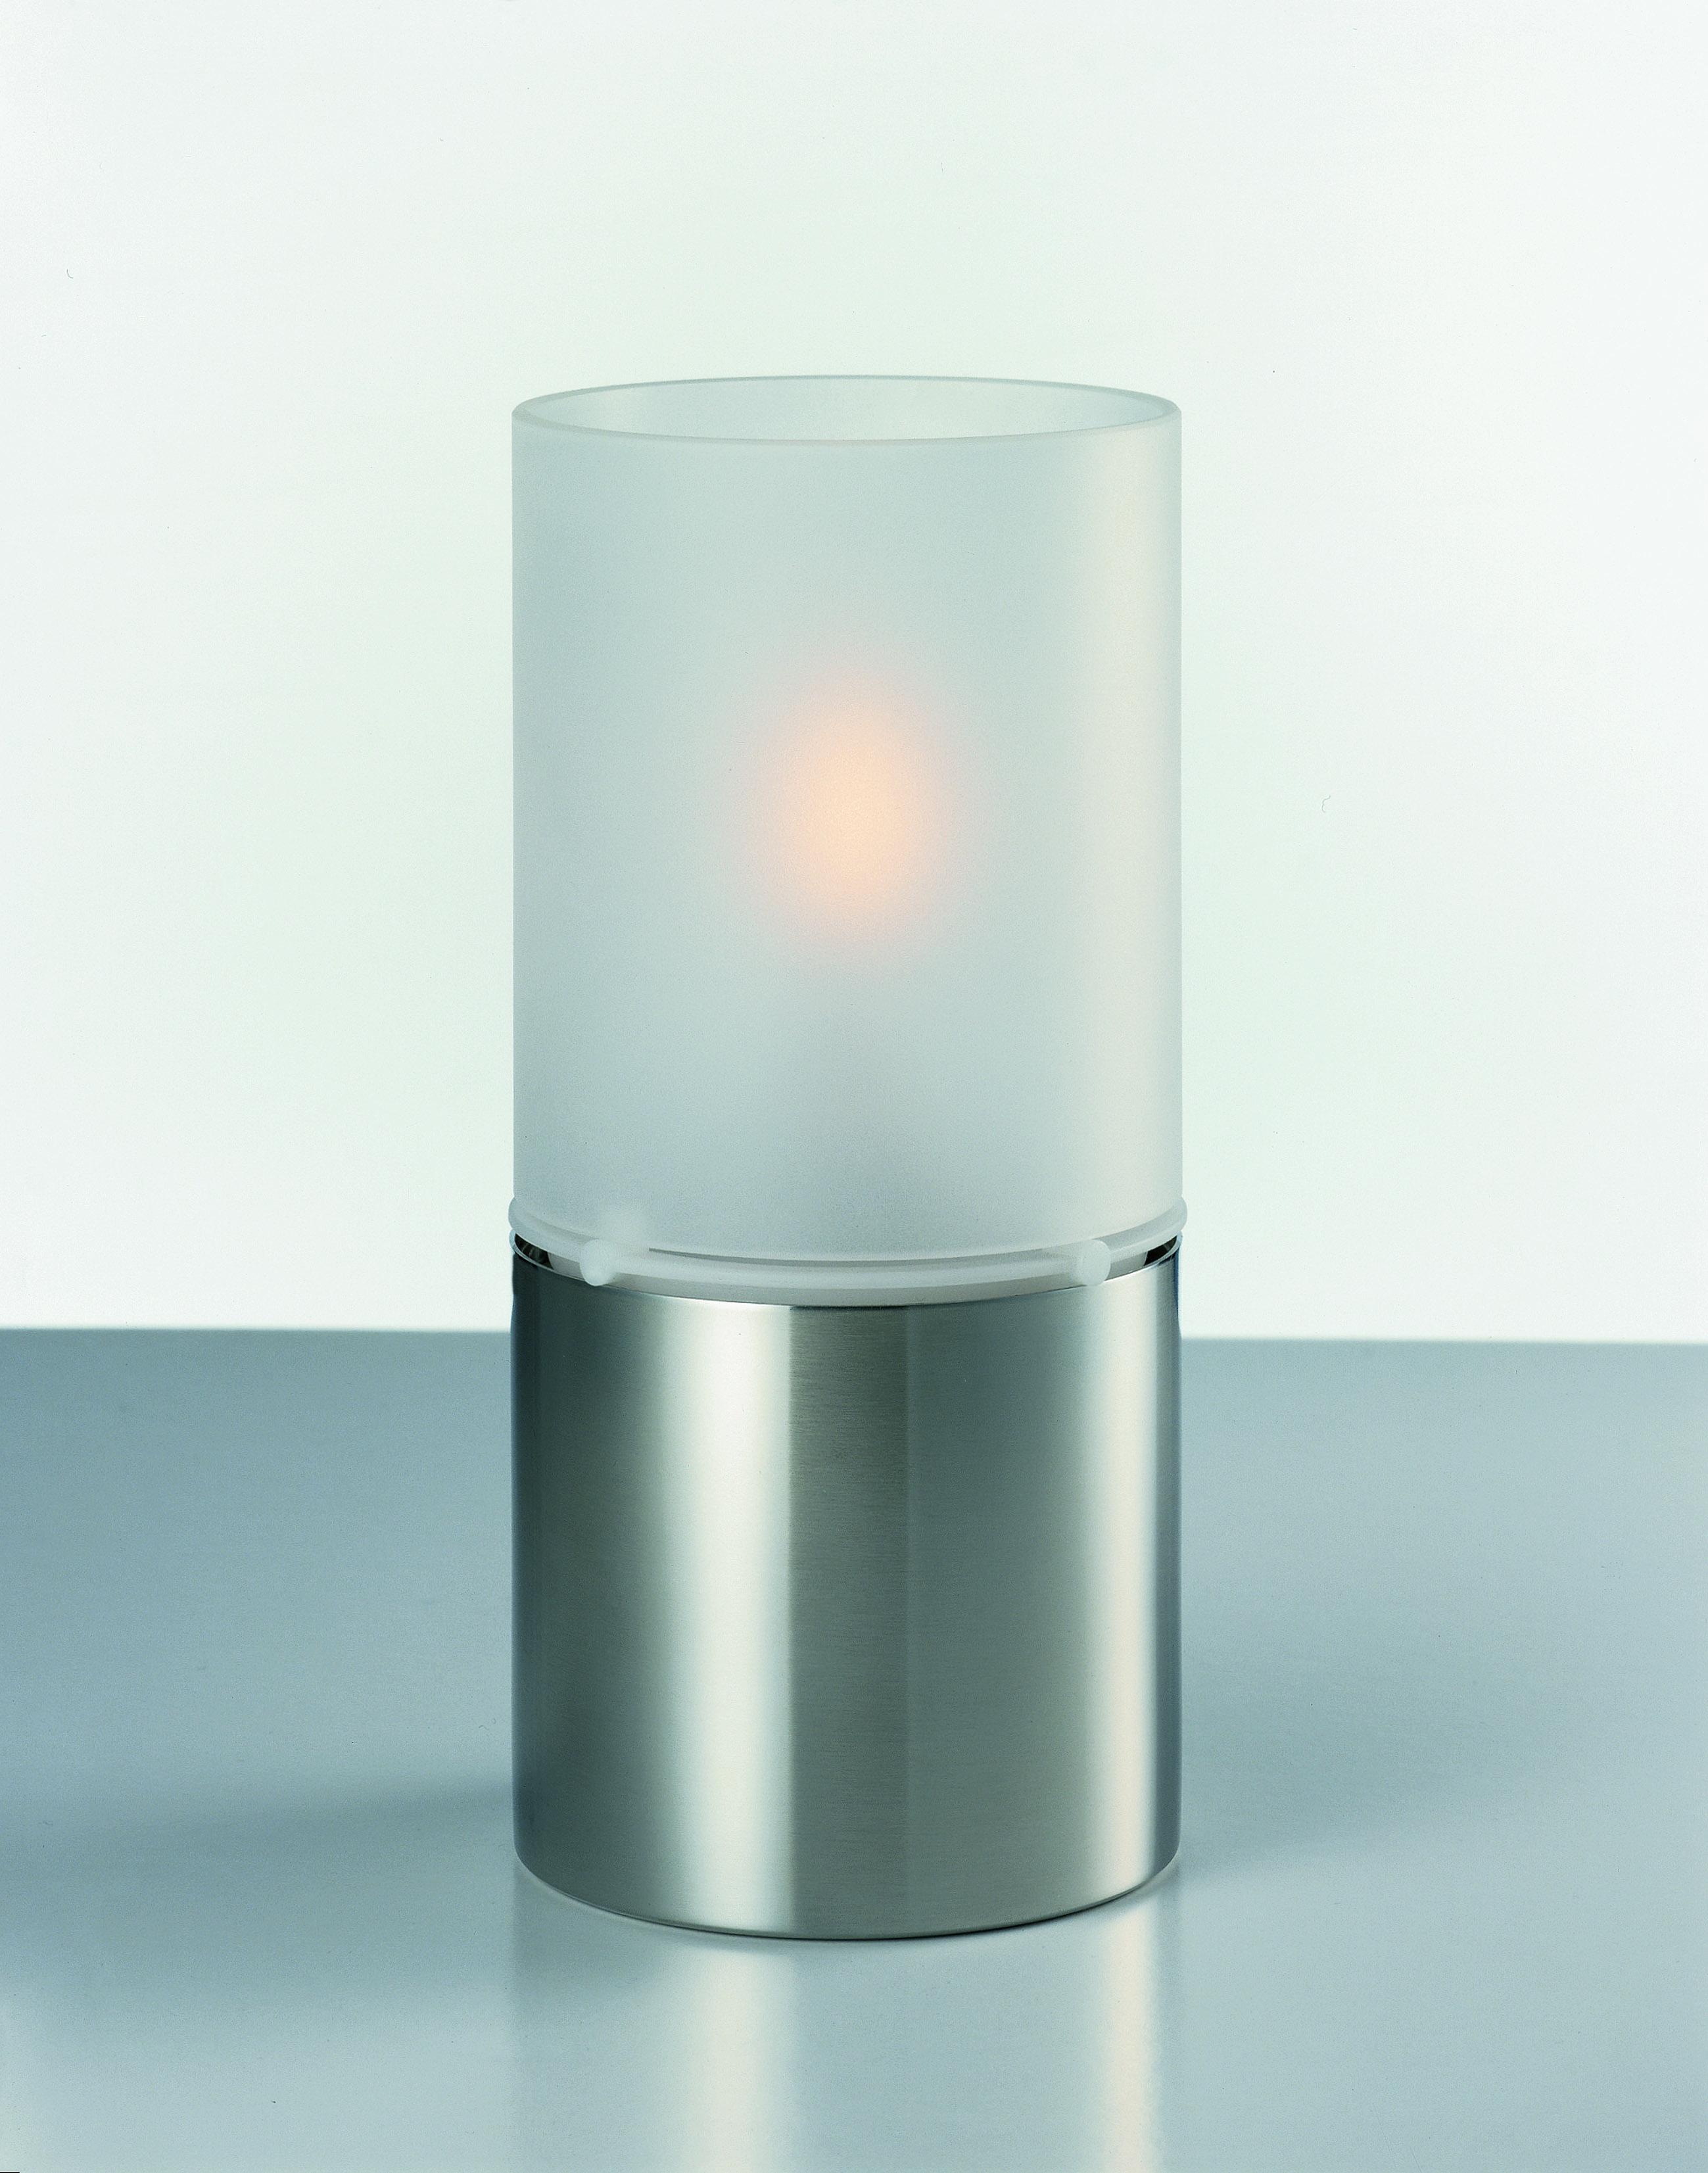 stelton oljelampa present fotogenlampor och lyktor. Black Bedroom Furniture Sets. Home Design Ideas